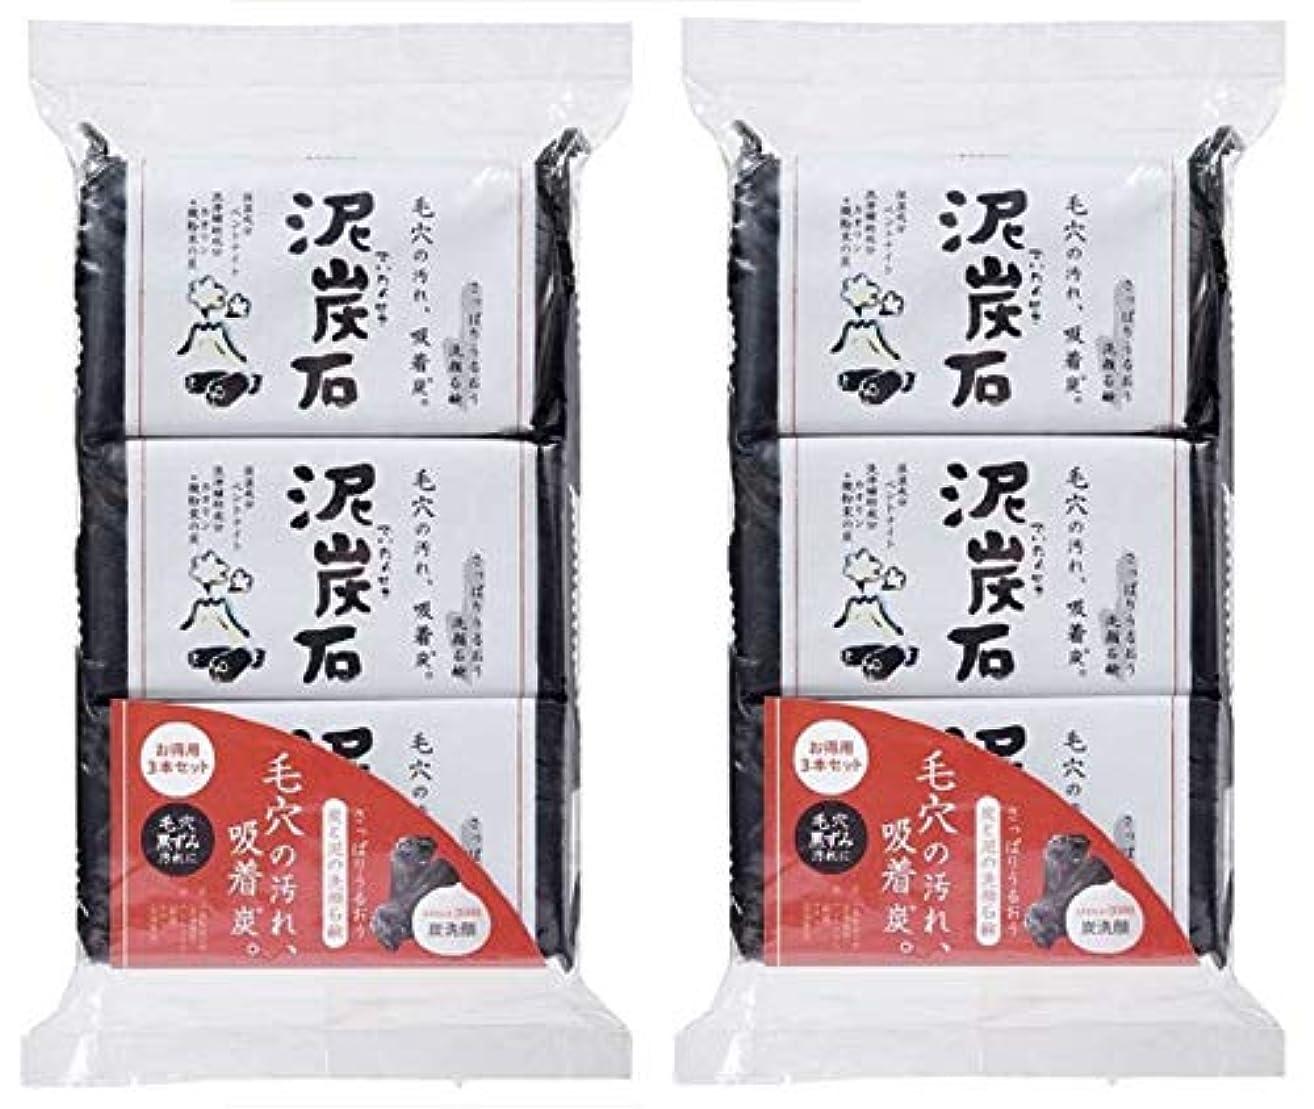 ママメカニック同盟(まとめ買い)ペリカン石鹸 泥炭石 110g×3個 ×2セット